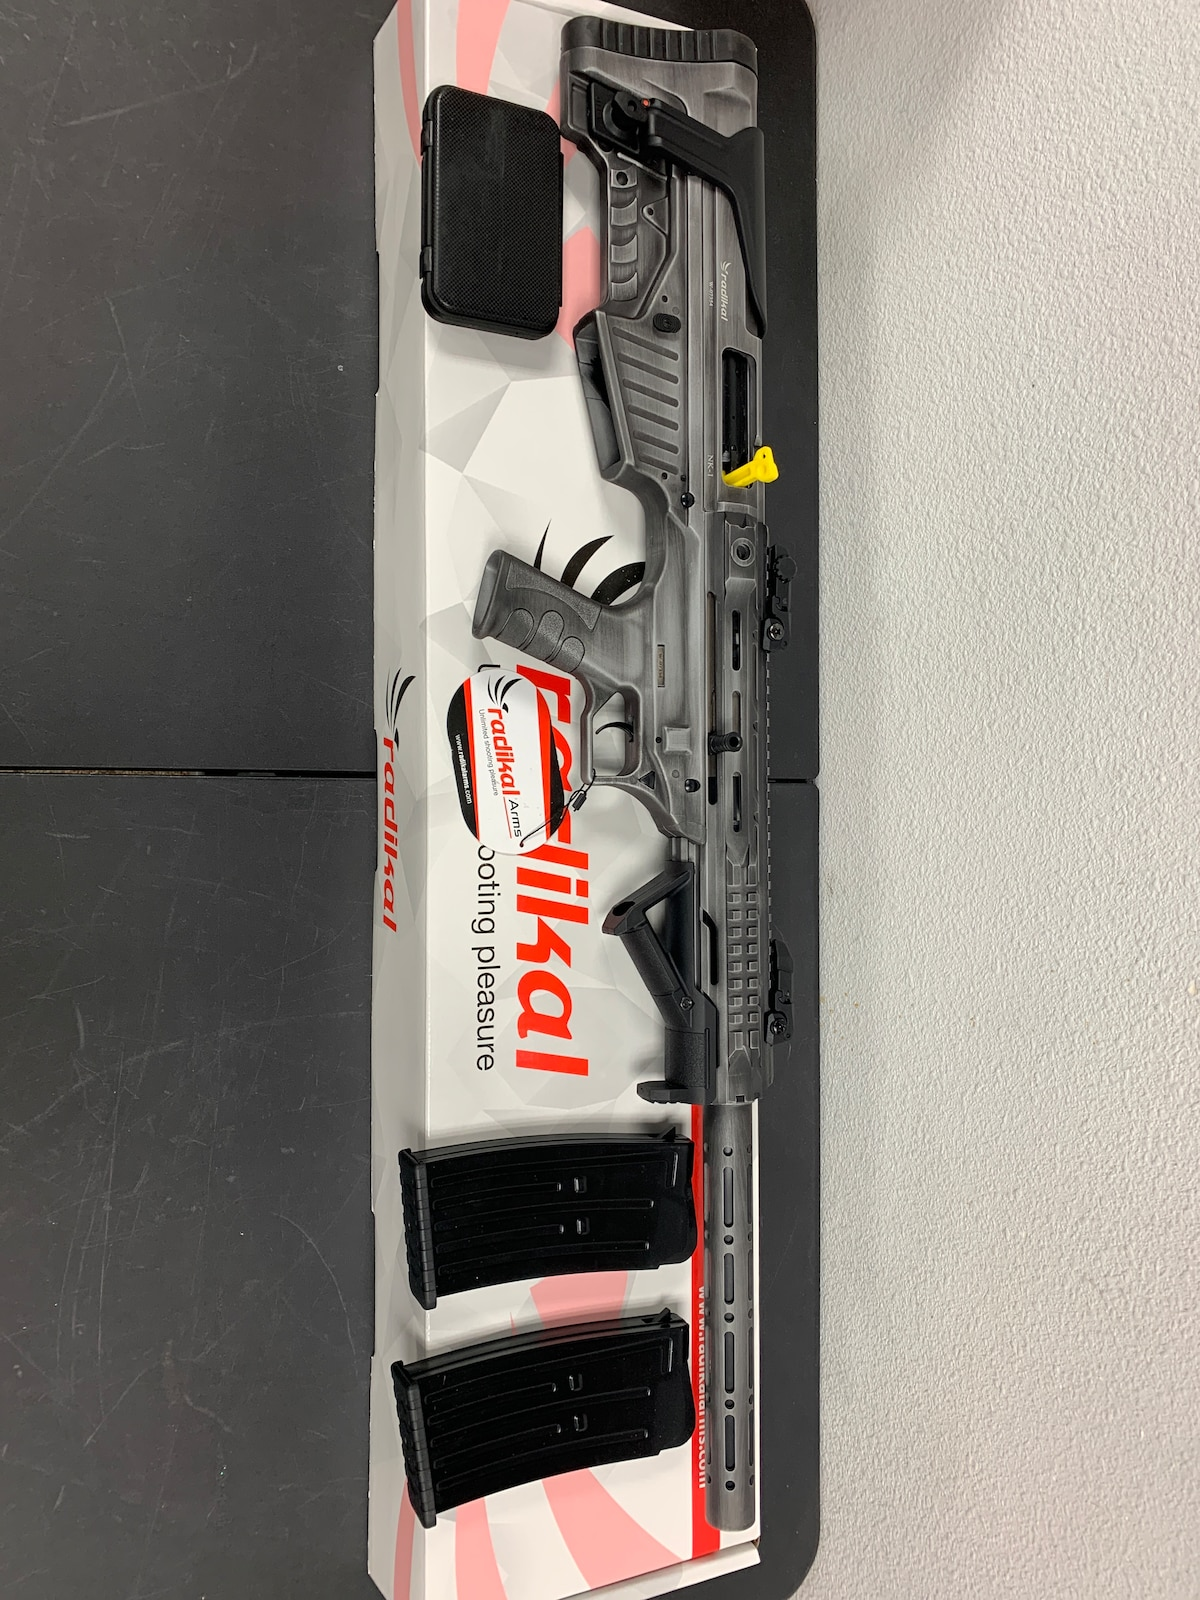 Radikal Arms NK-1 series bullpup